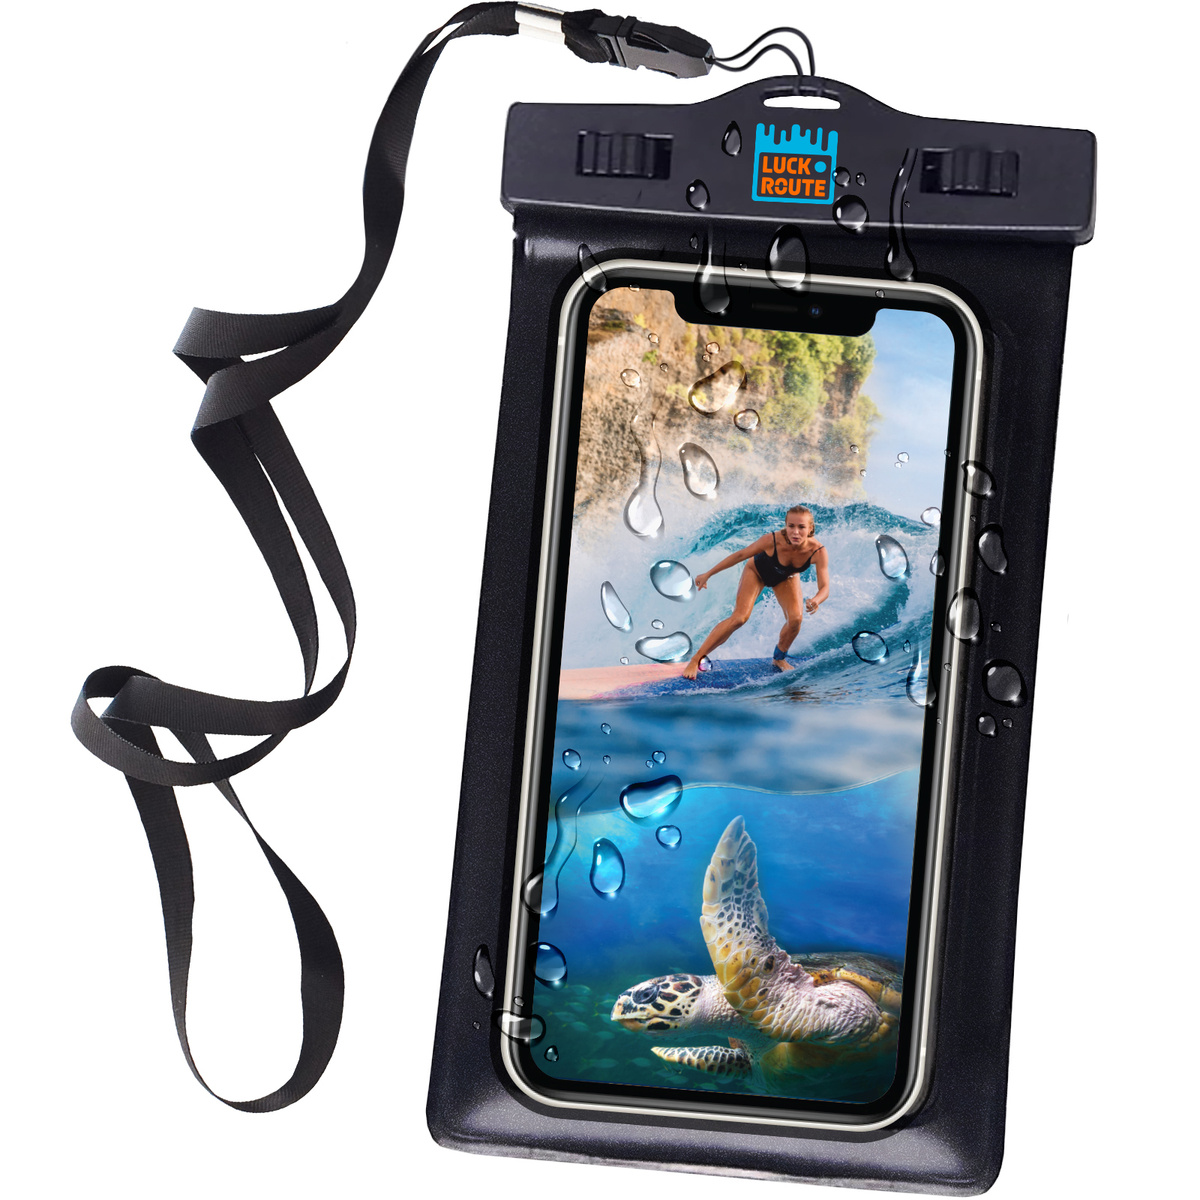 Водонепроницаемый чехол для телефона на шею Luckroute - Универсальный, Спортивный, Непромокаемый, Герметичный #1